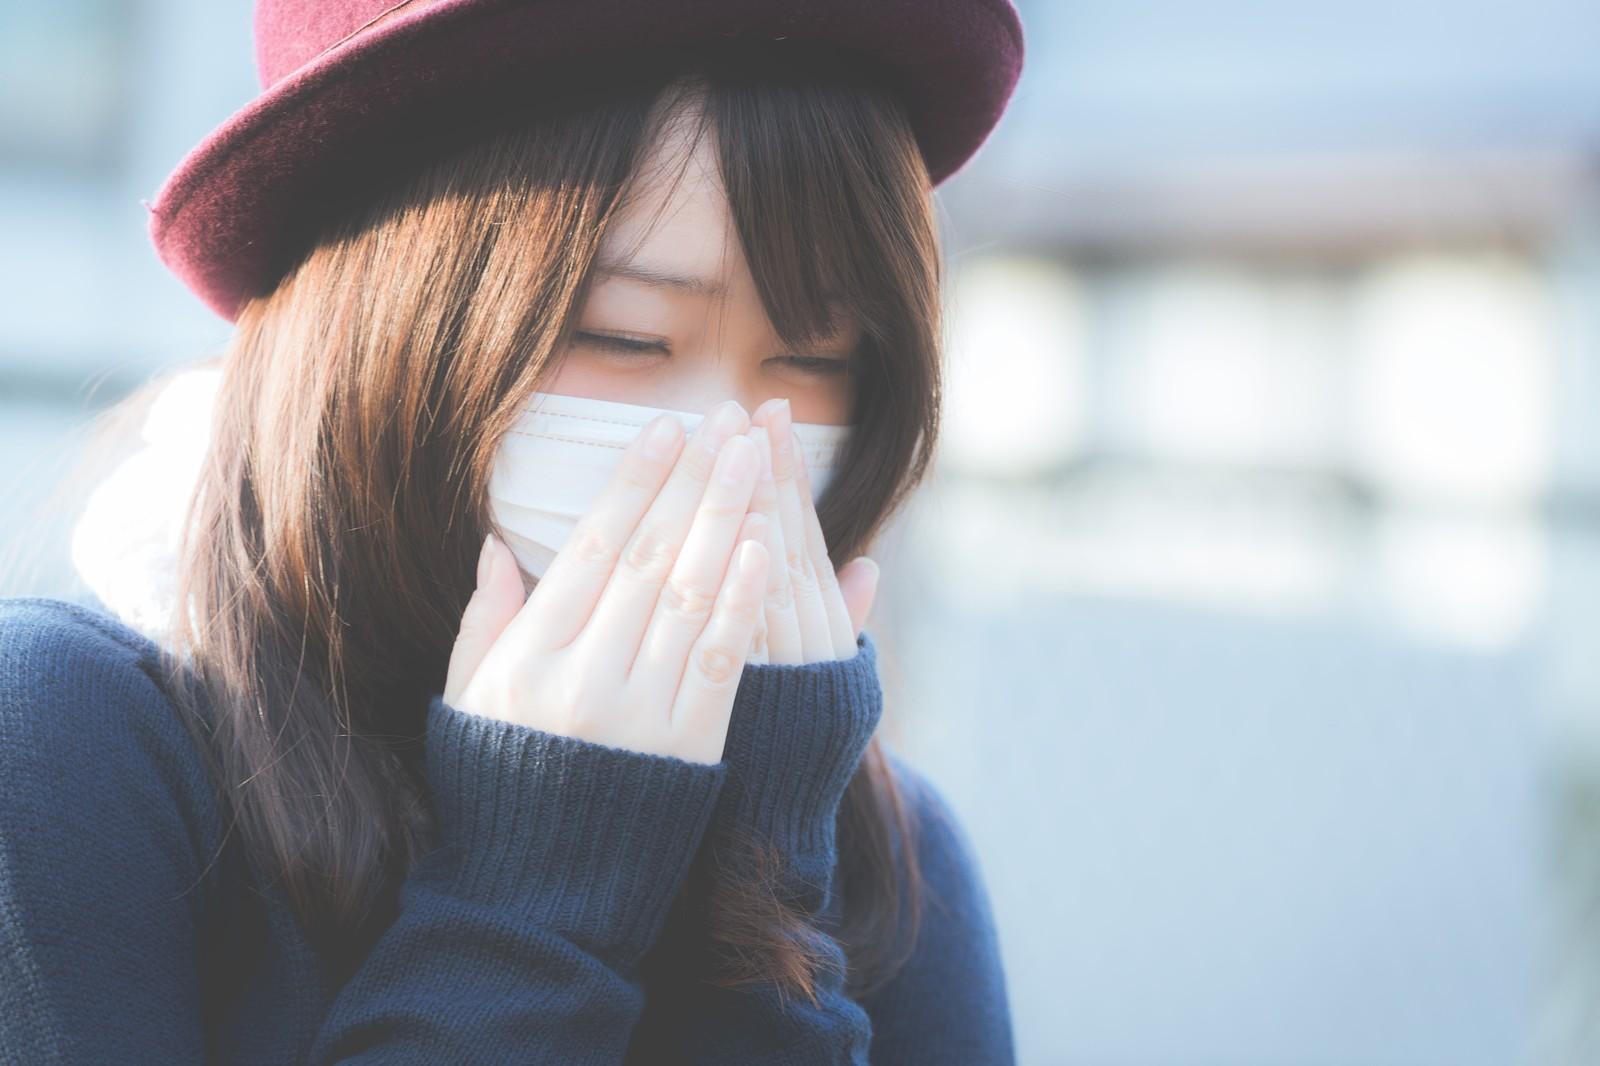 薬を飲まずに花粉症を乗り切る(学習レポート2月下旬)